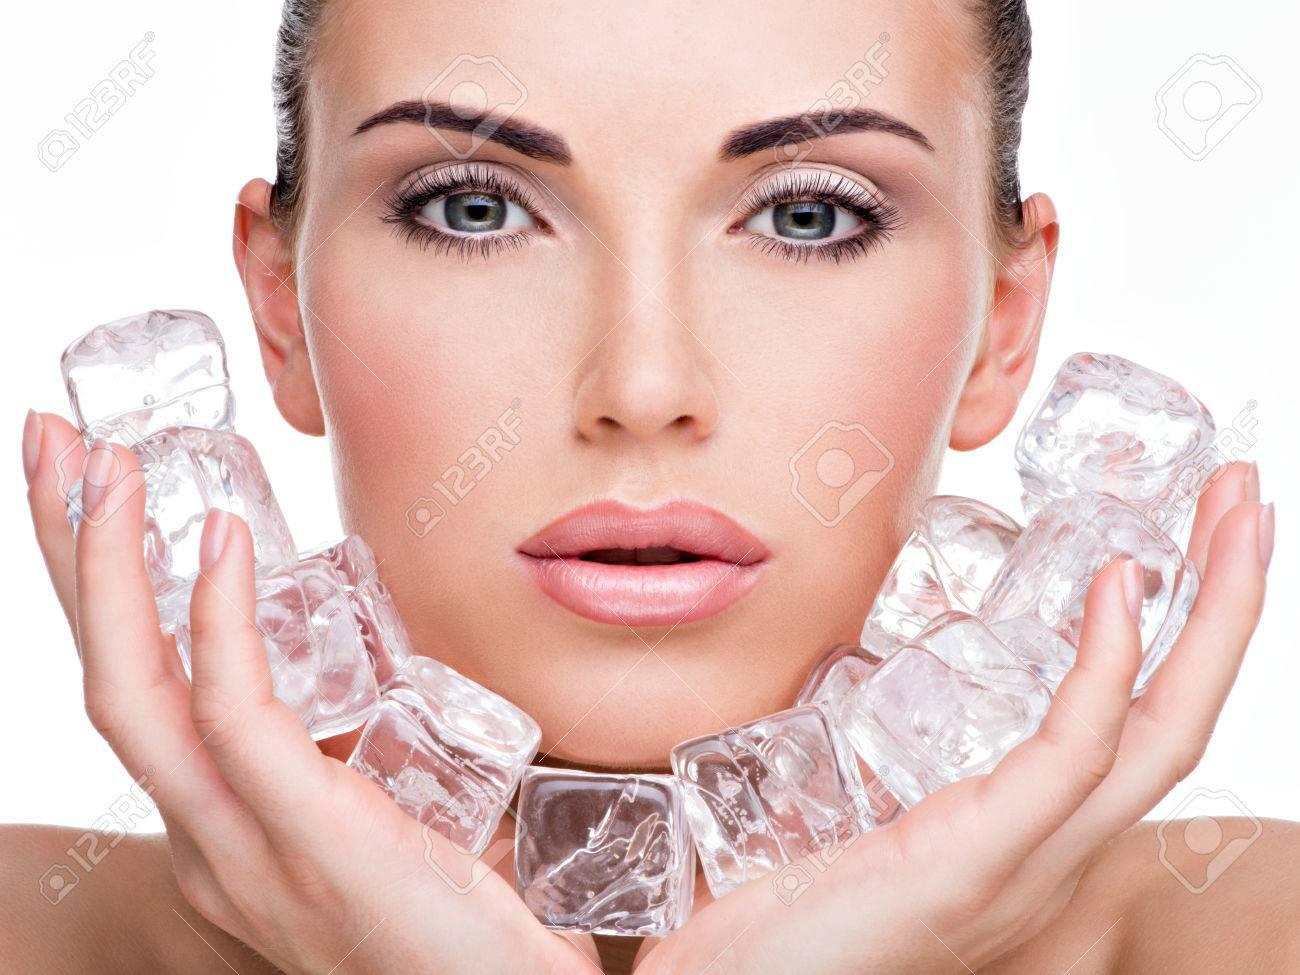 Belle jeune femme applique la glace à face. Concept de soins de la peau. Banque d'images - 53559271